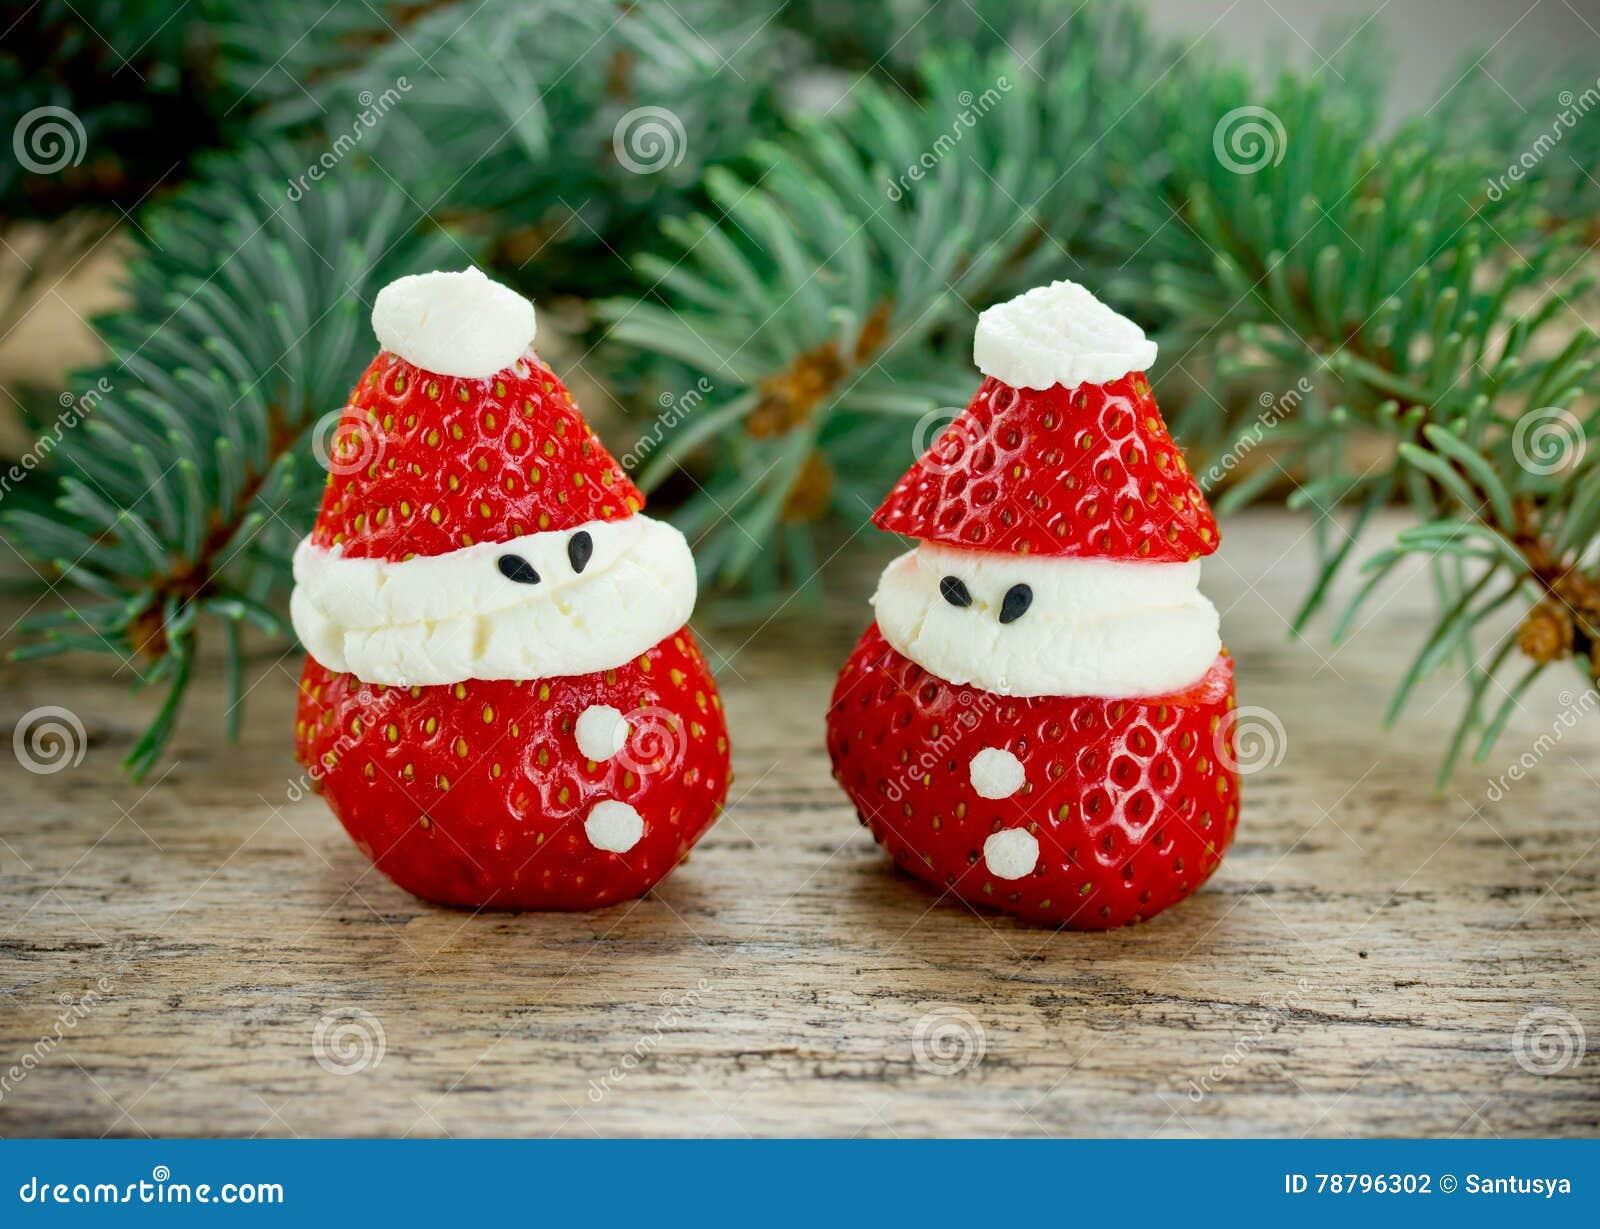 Kreative Ideen Für Essbare Geschenke Für Kinder ...